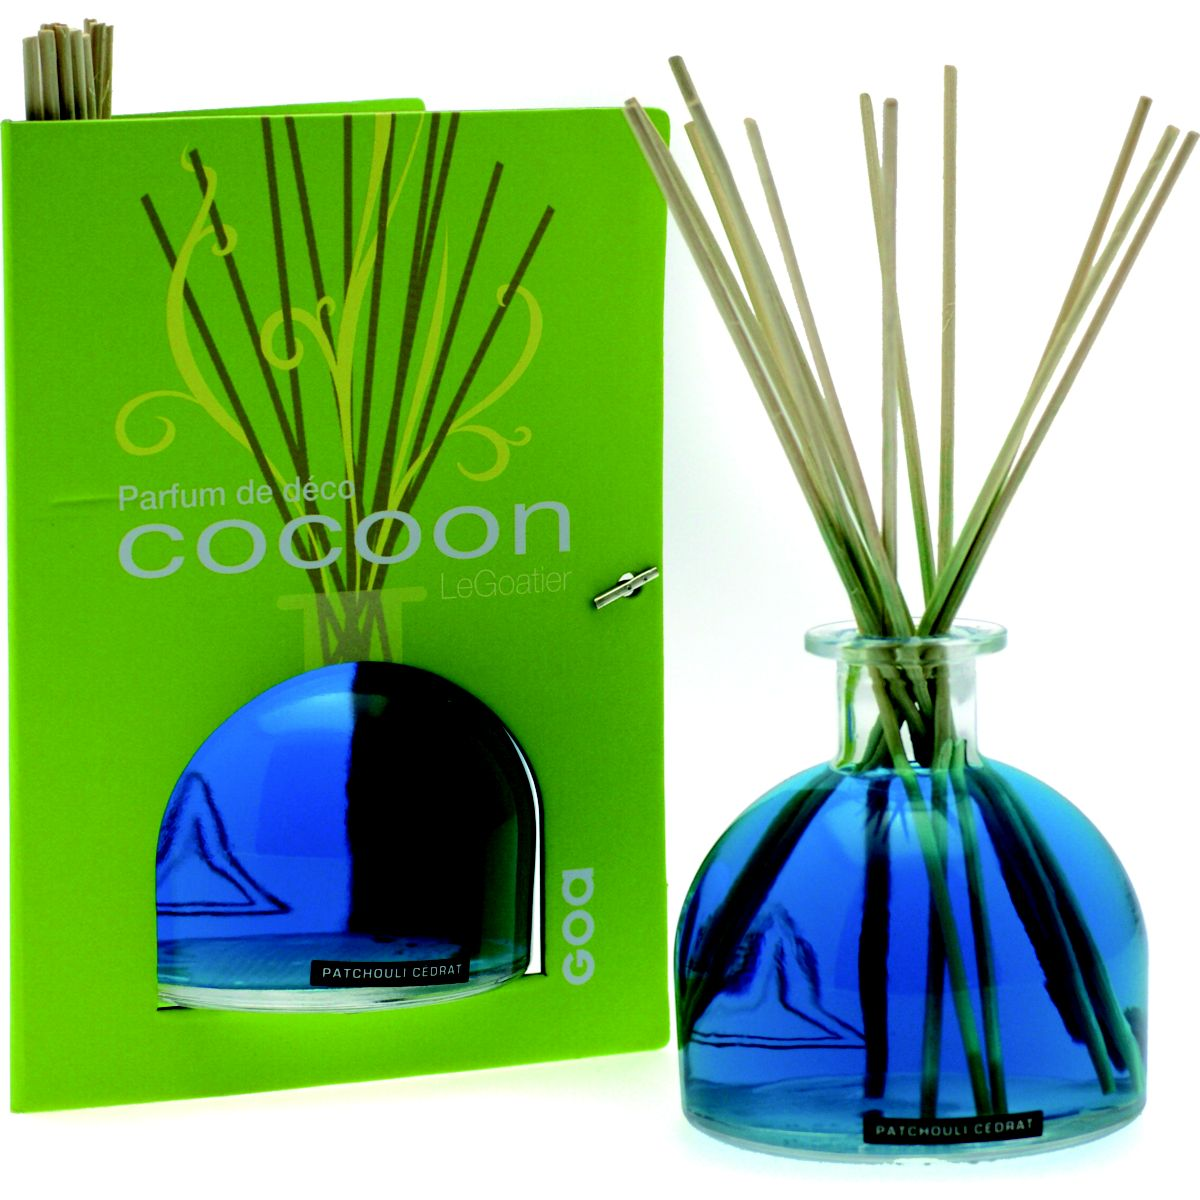 Goa goatier cocoon patchouli cédrat 250 ml - 10% de remise immédiate avec le code : top10 (photo)